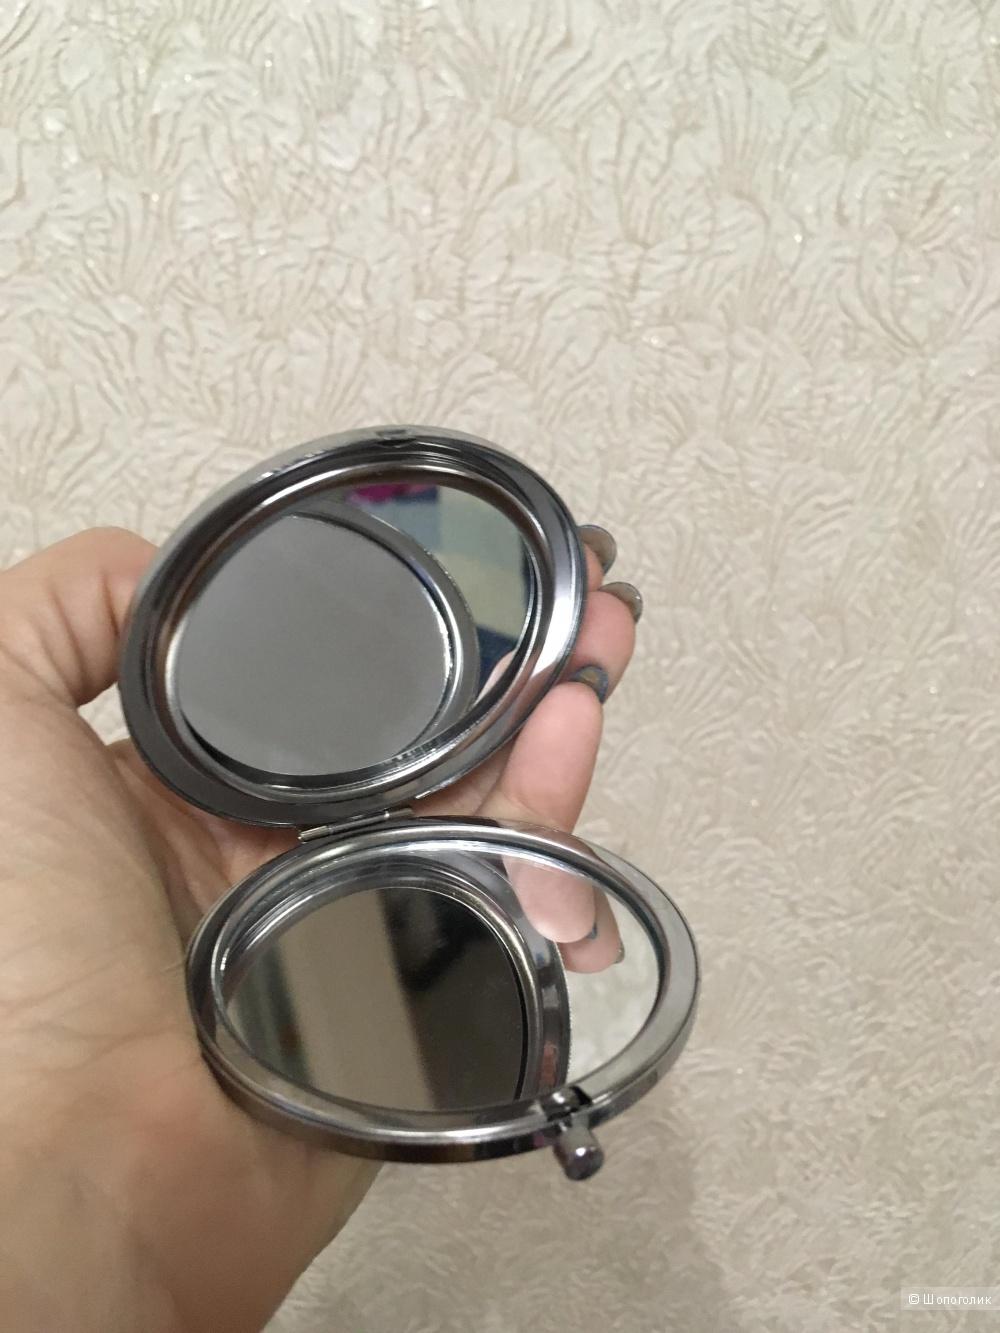 Косметический сет: тушь для ресниц The One, гель заполнитель морщин DNC и зеркальце/ 8/20 мл.